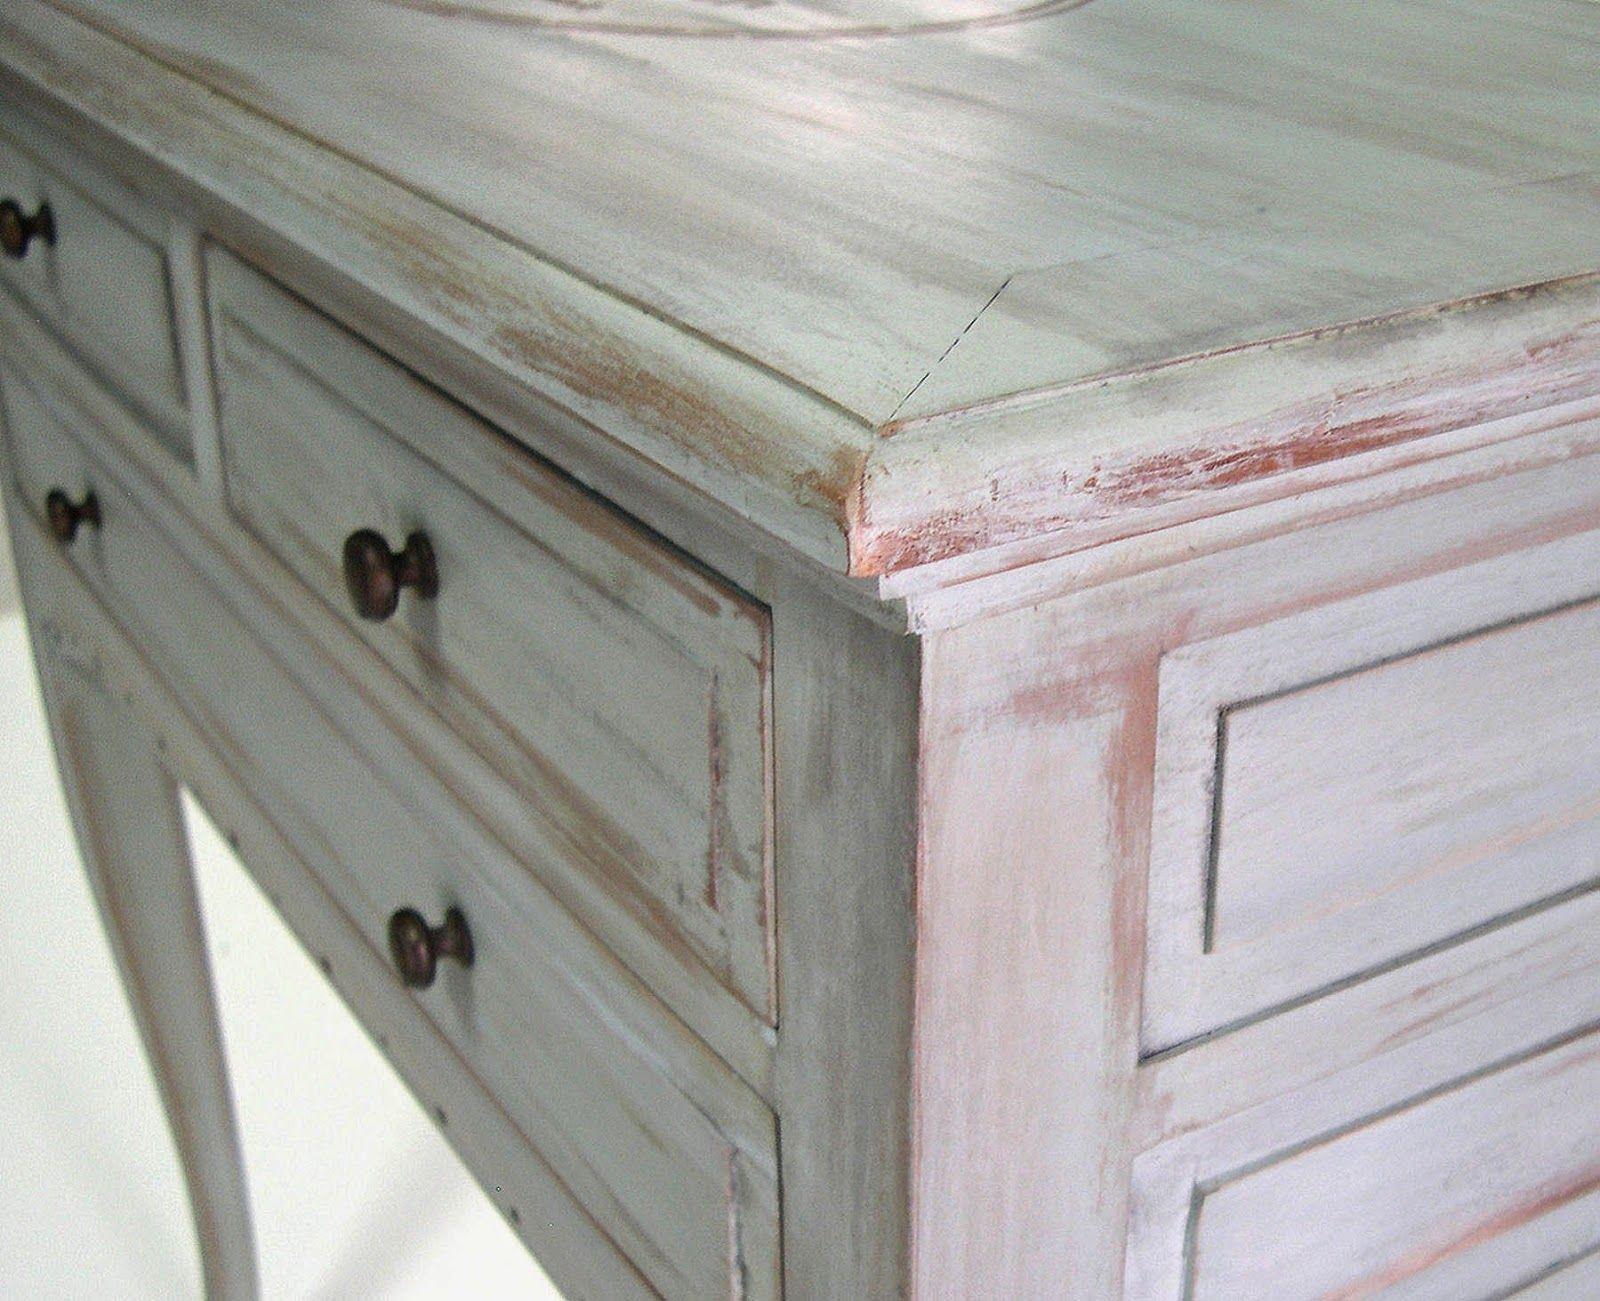 El chalky blog tecnica decapado con lija de pintura for Muebles de madera color gris